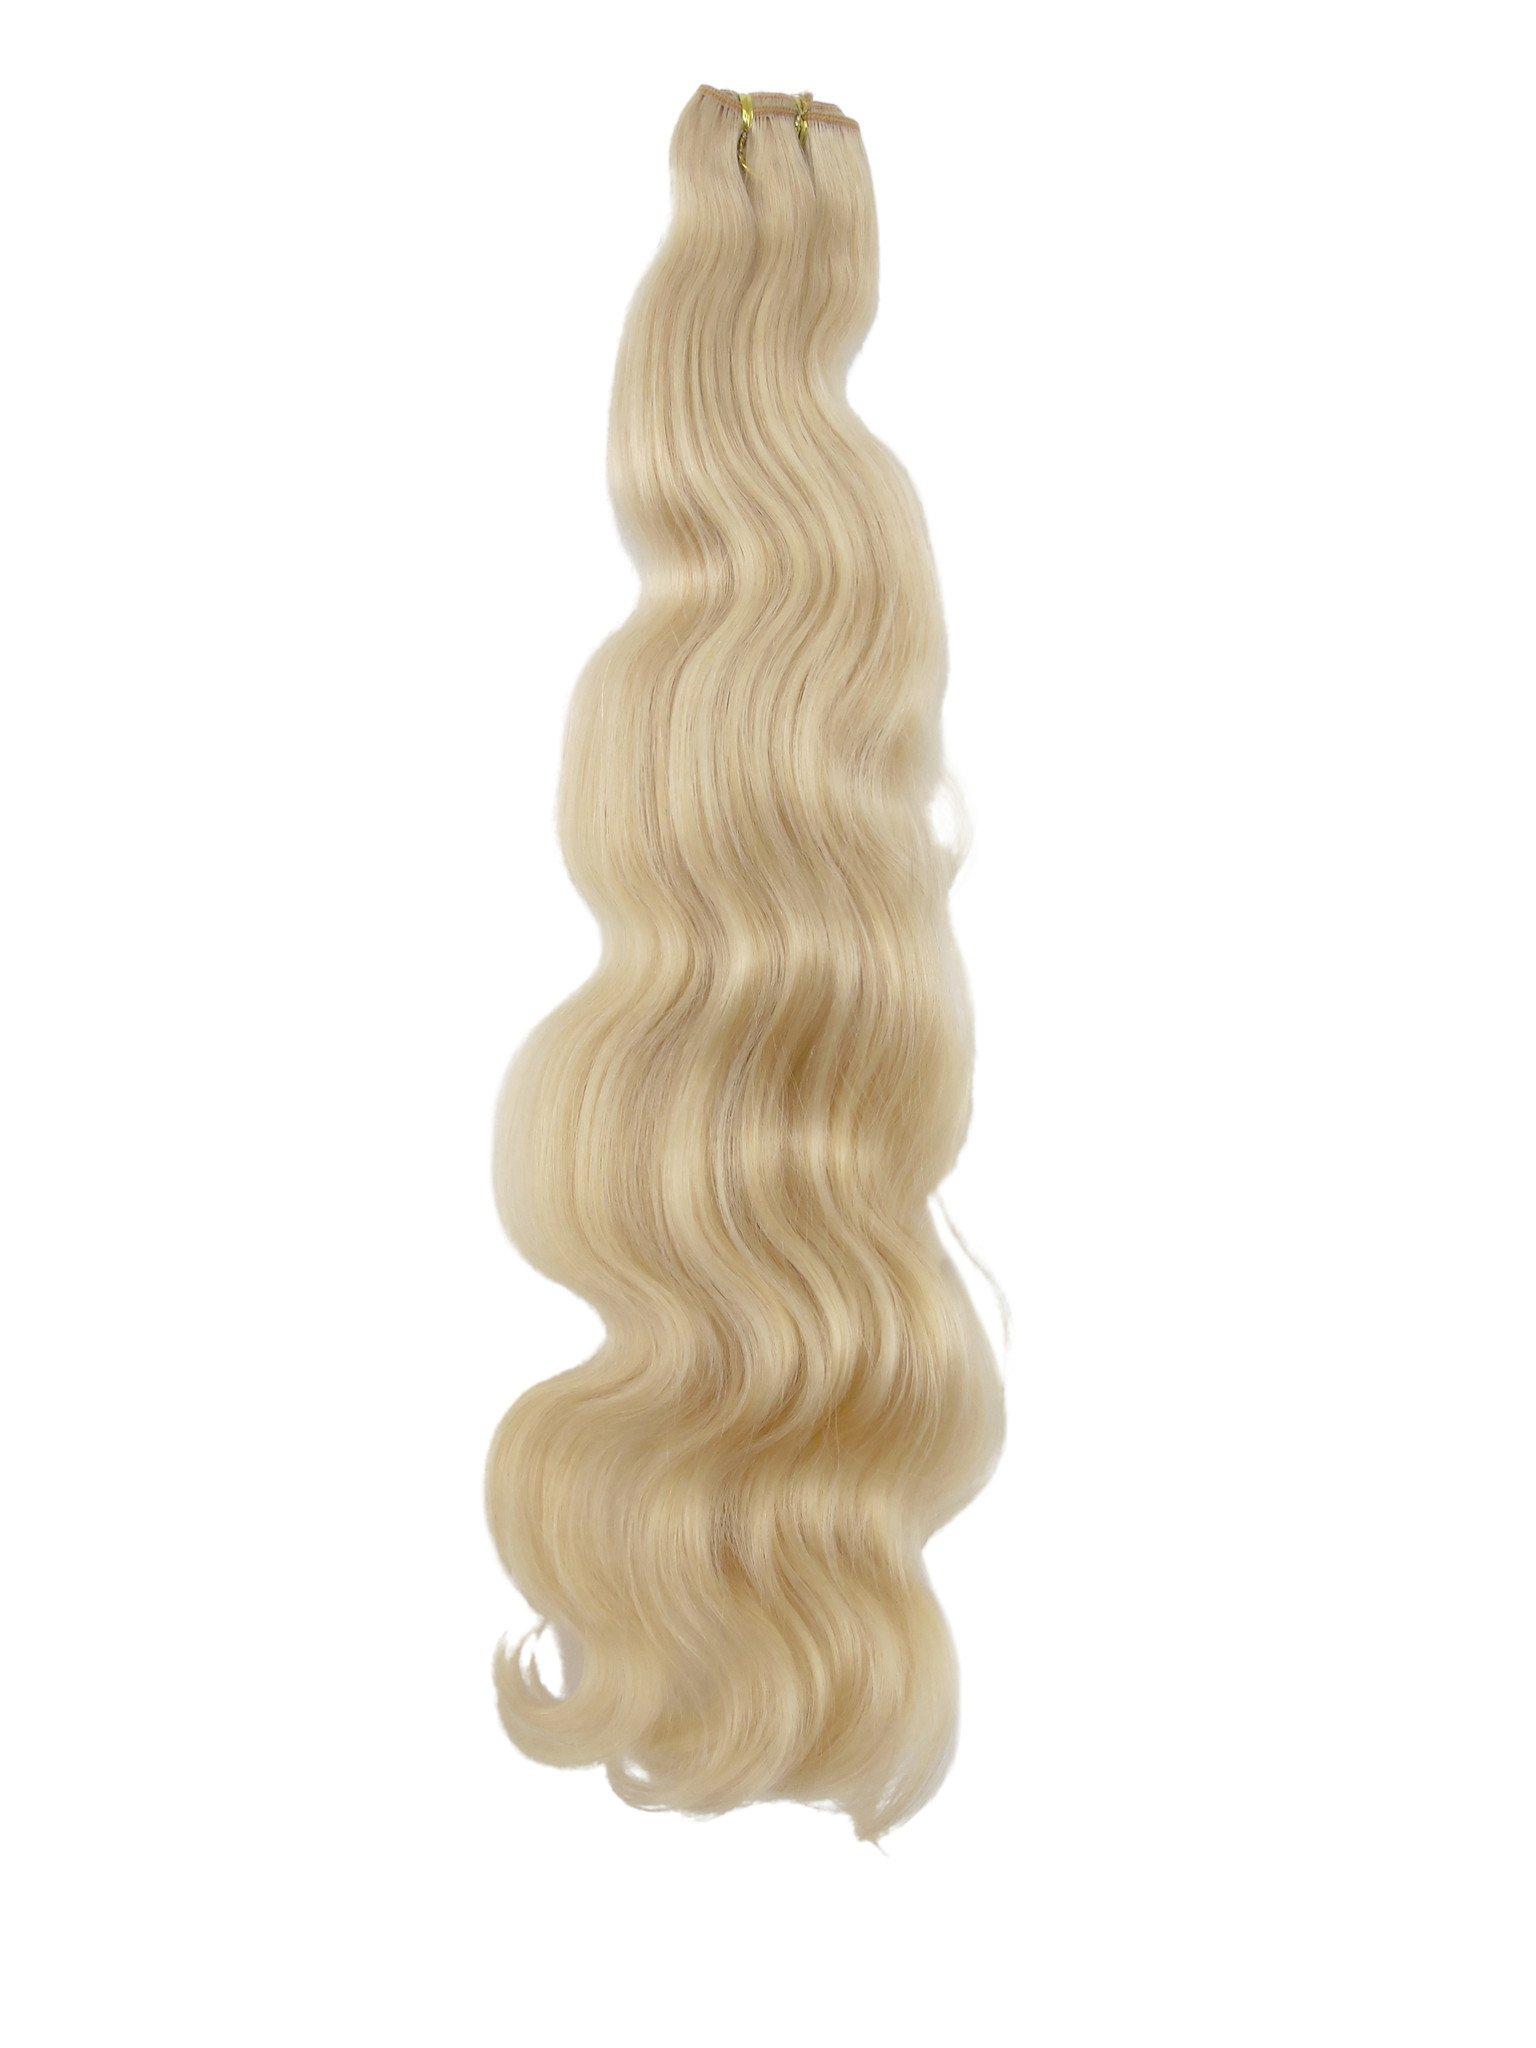 Bästa blond hår för kräsna 55 cm